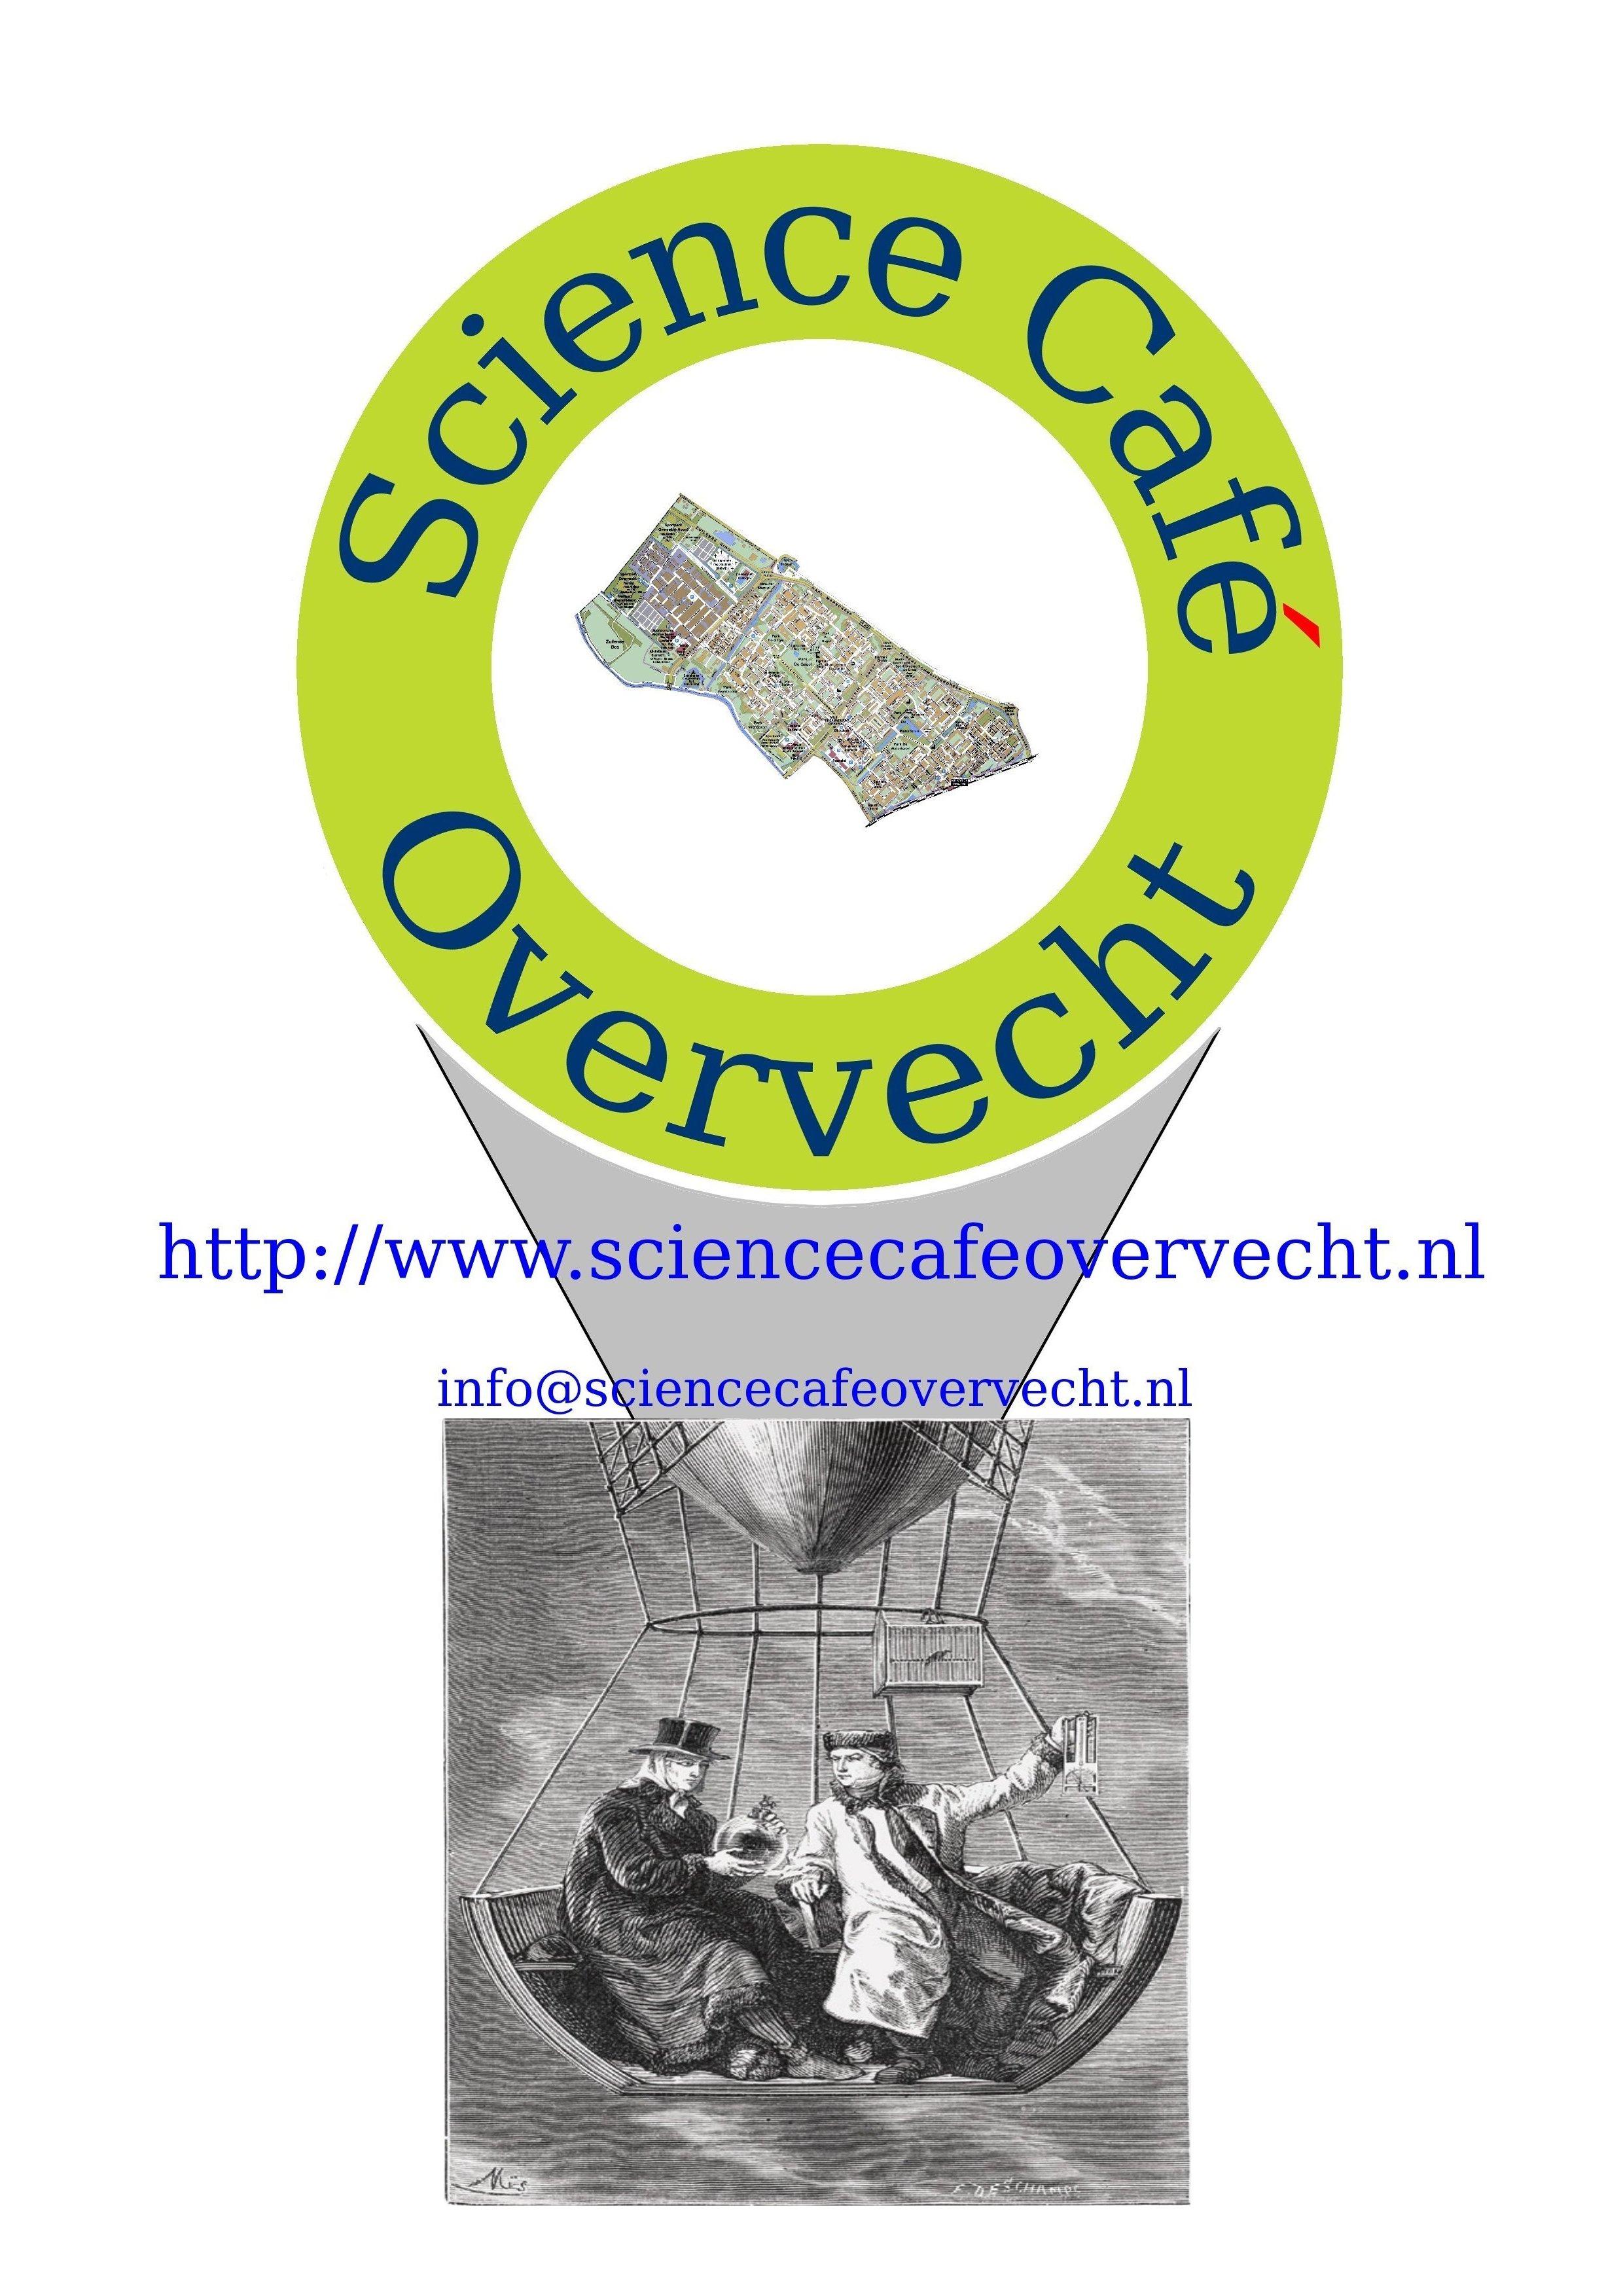 http://www.sciencecafeovervecht.nl/SBM2016/logo-ballon-notext.jpg